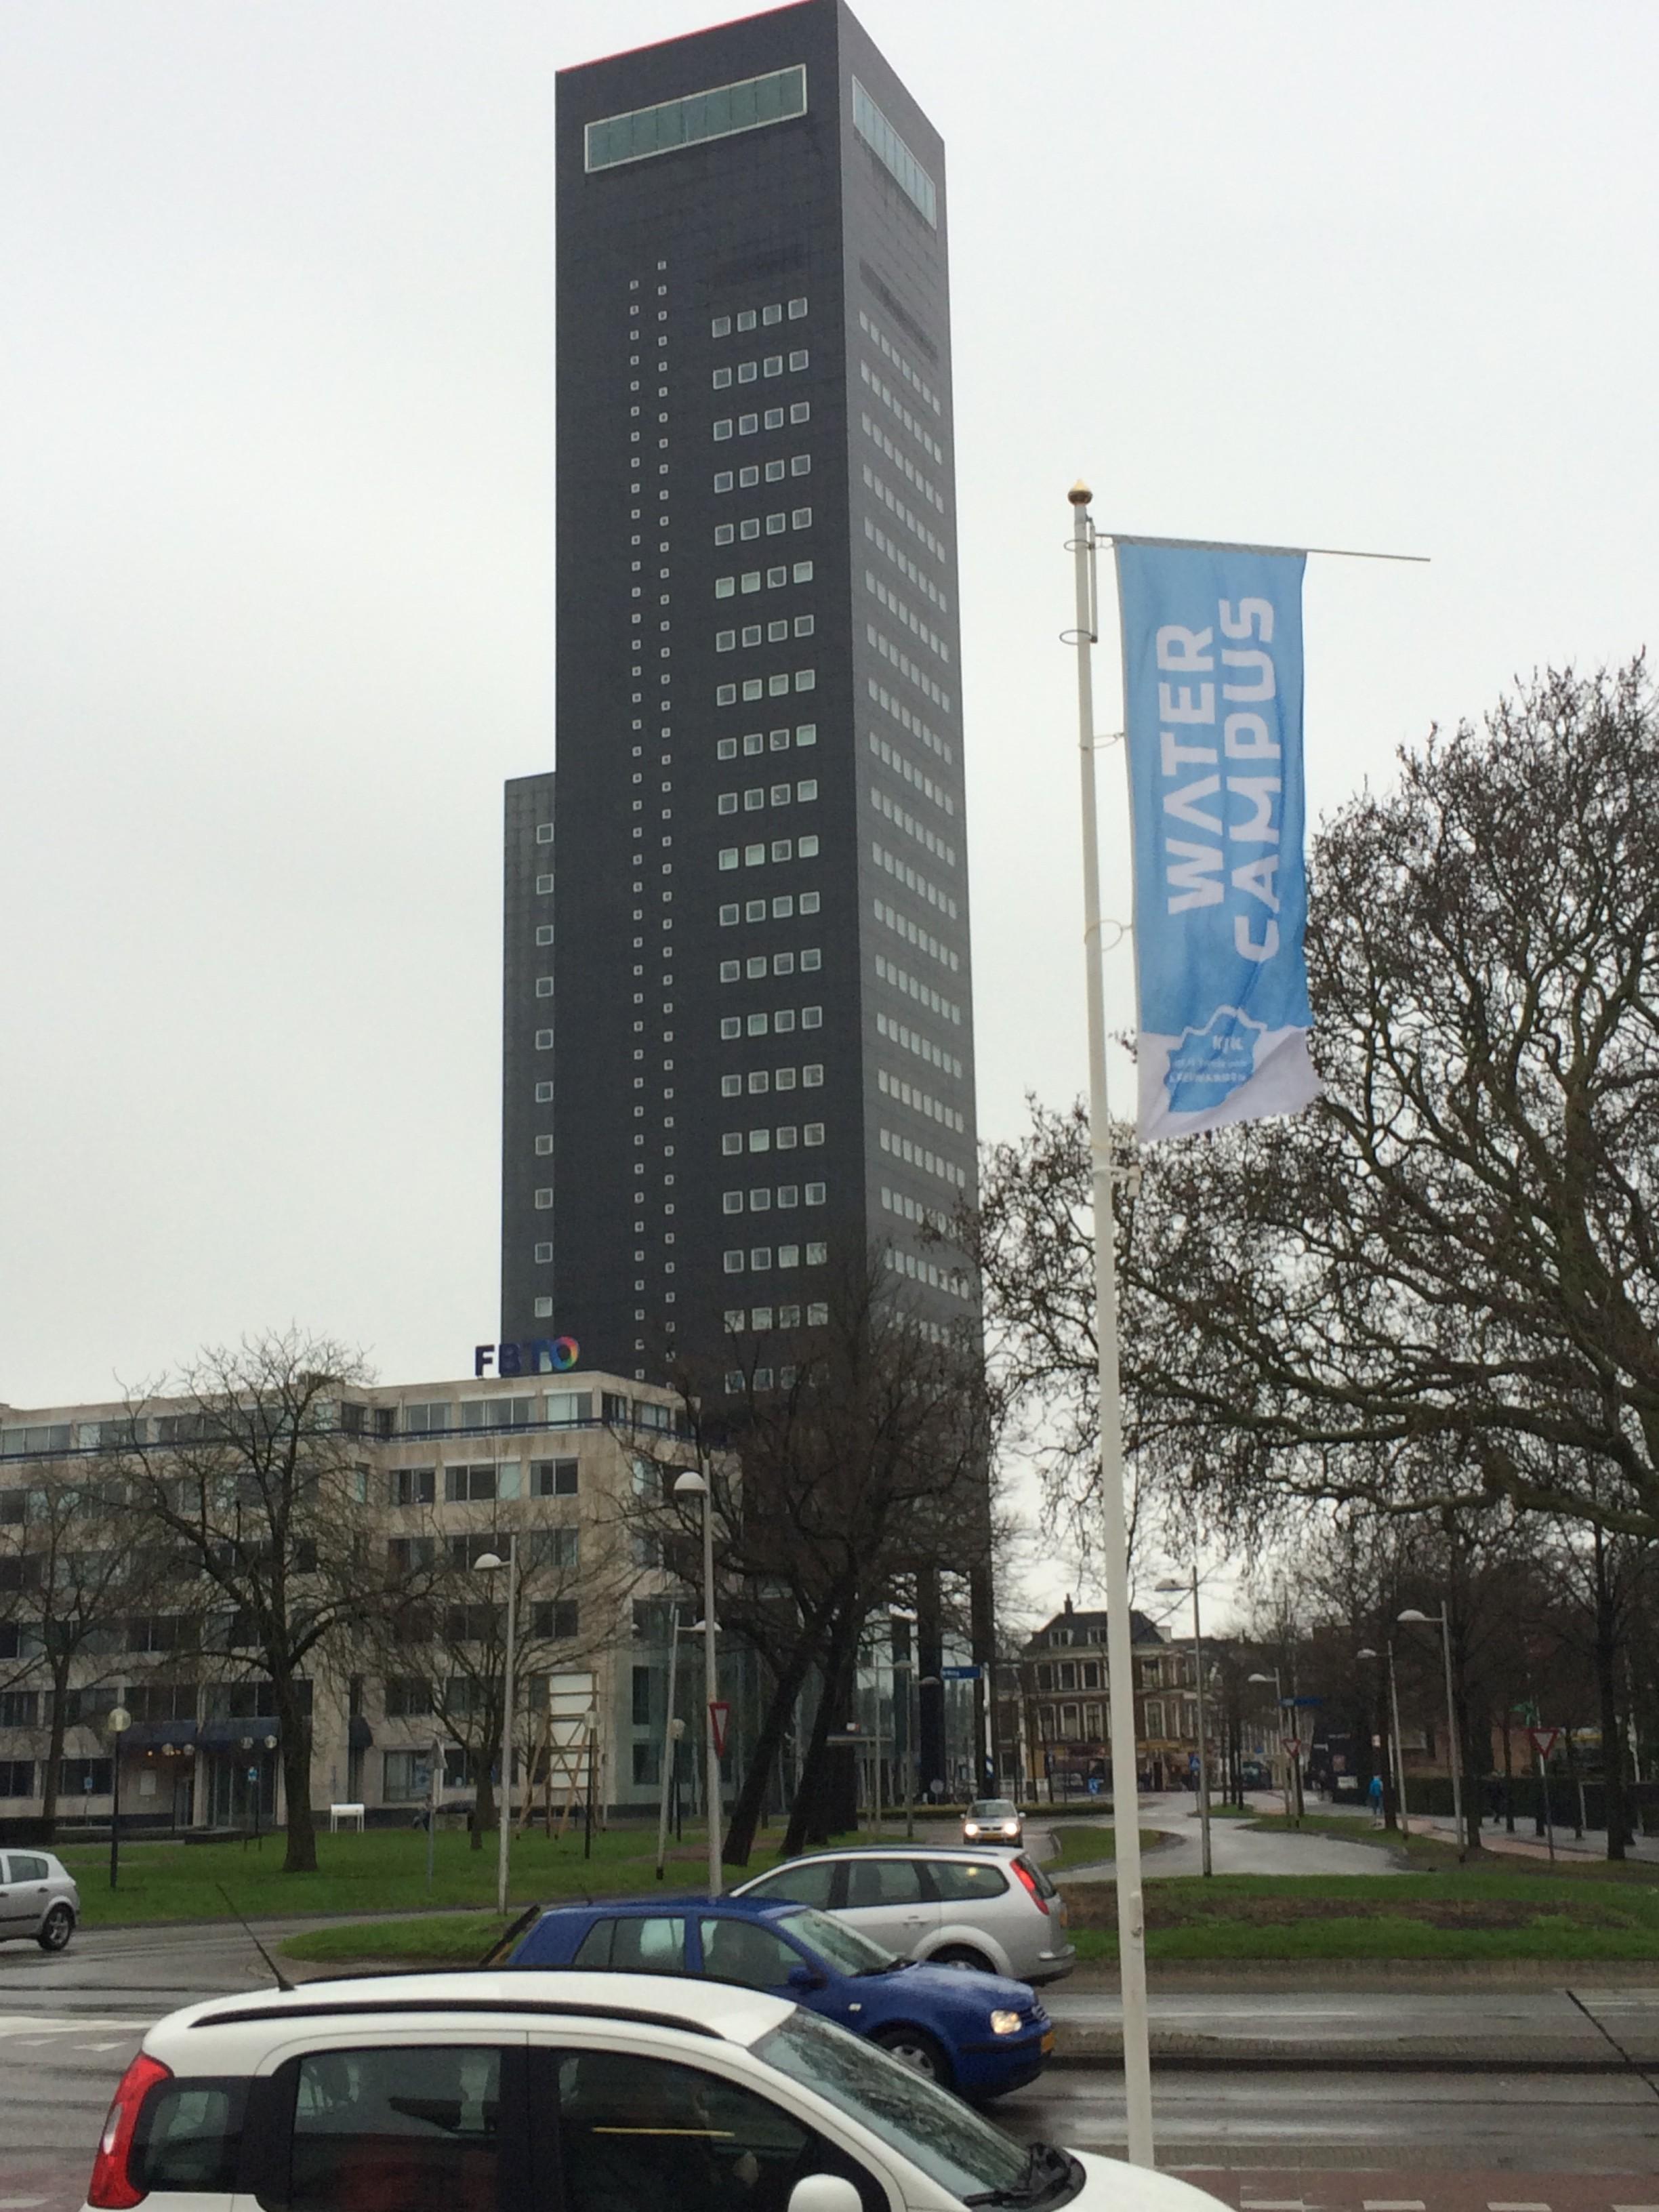 Leeuwarden et la tour Deloitte